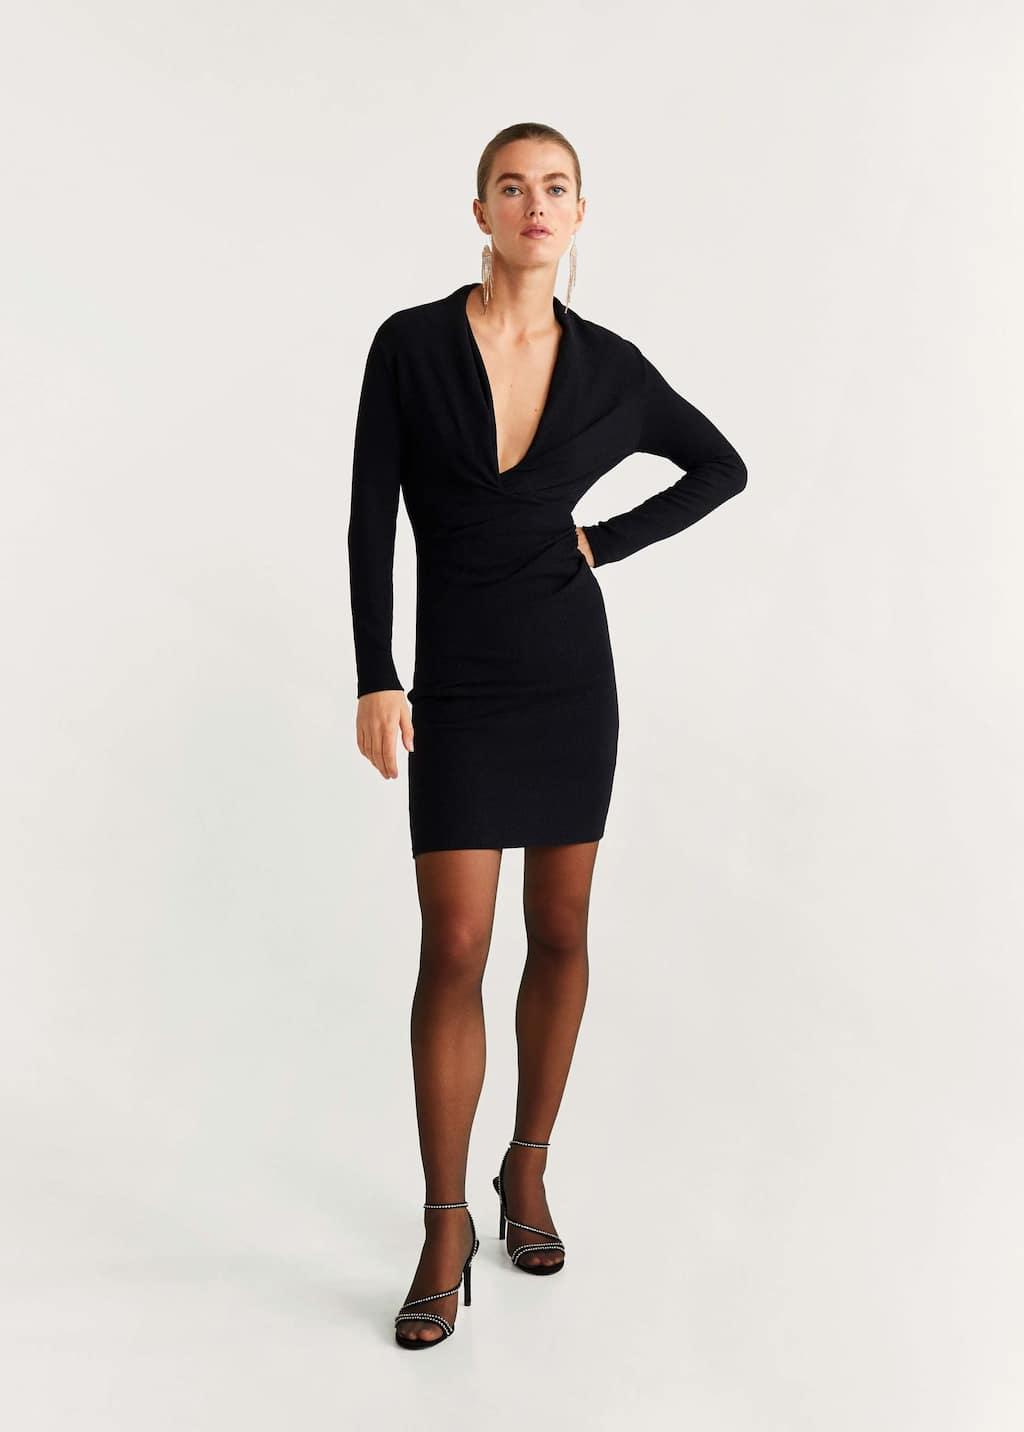 Langes Kleid im Wickelstil - Allgemeine Ansicht